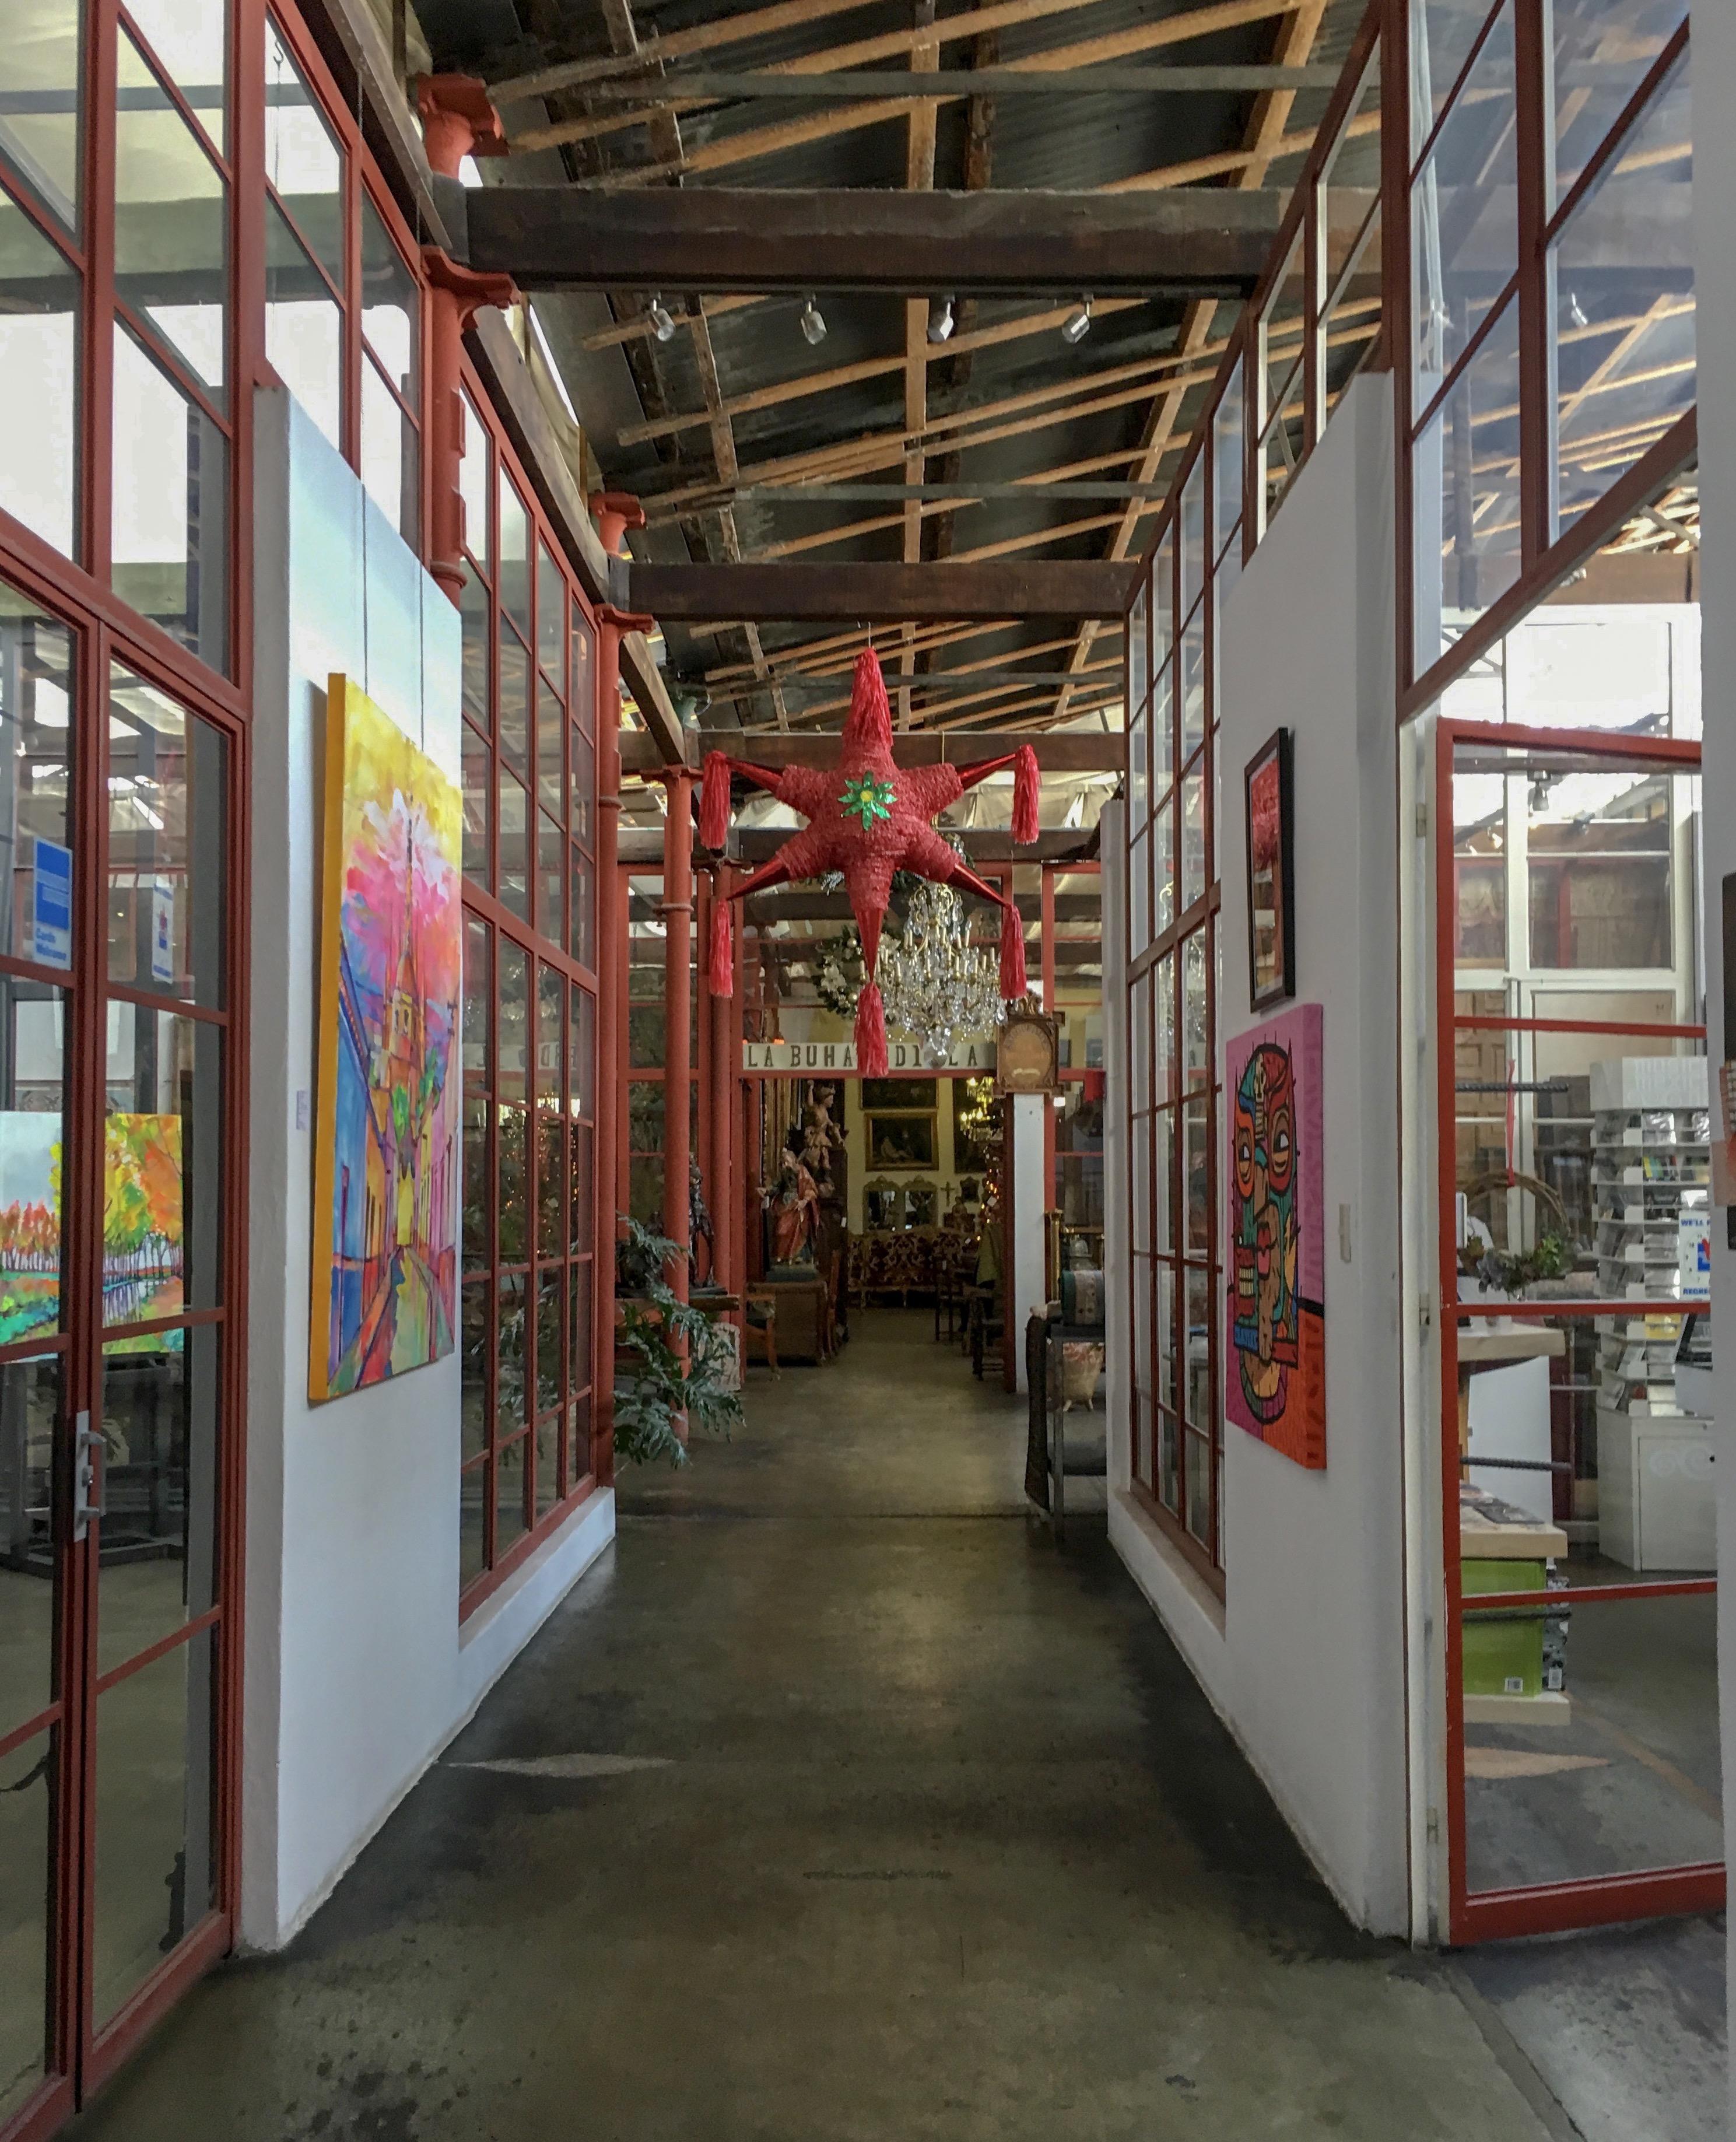 fabrica la aurora artist galleries san miguel de allende gto mexico